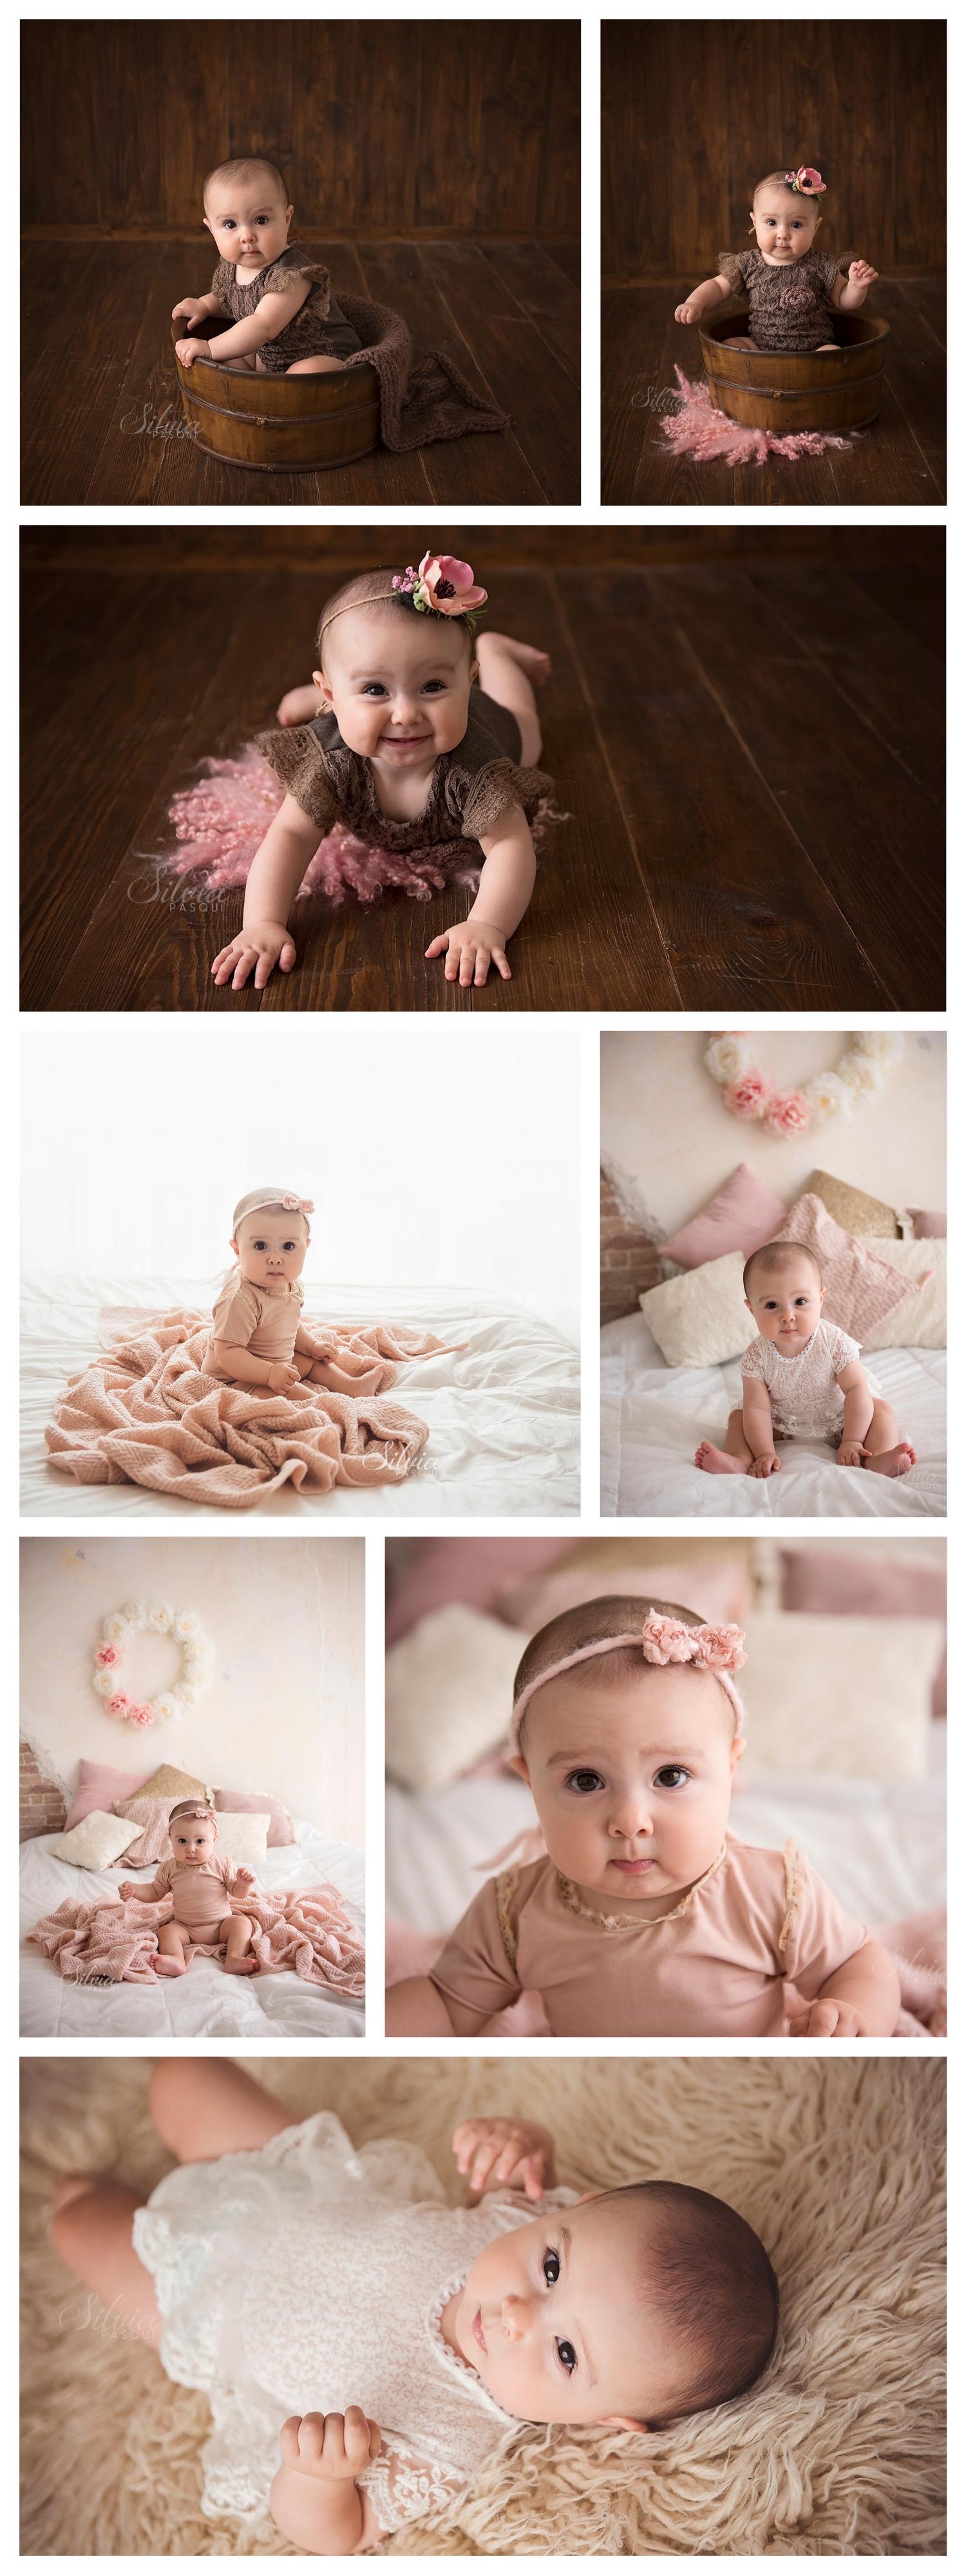 miglior fotografo per bambini